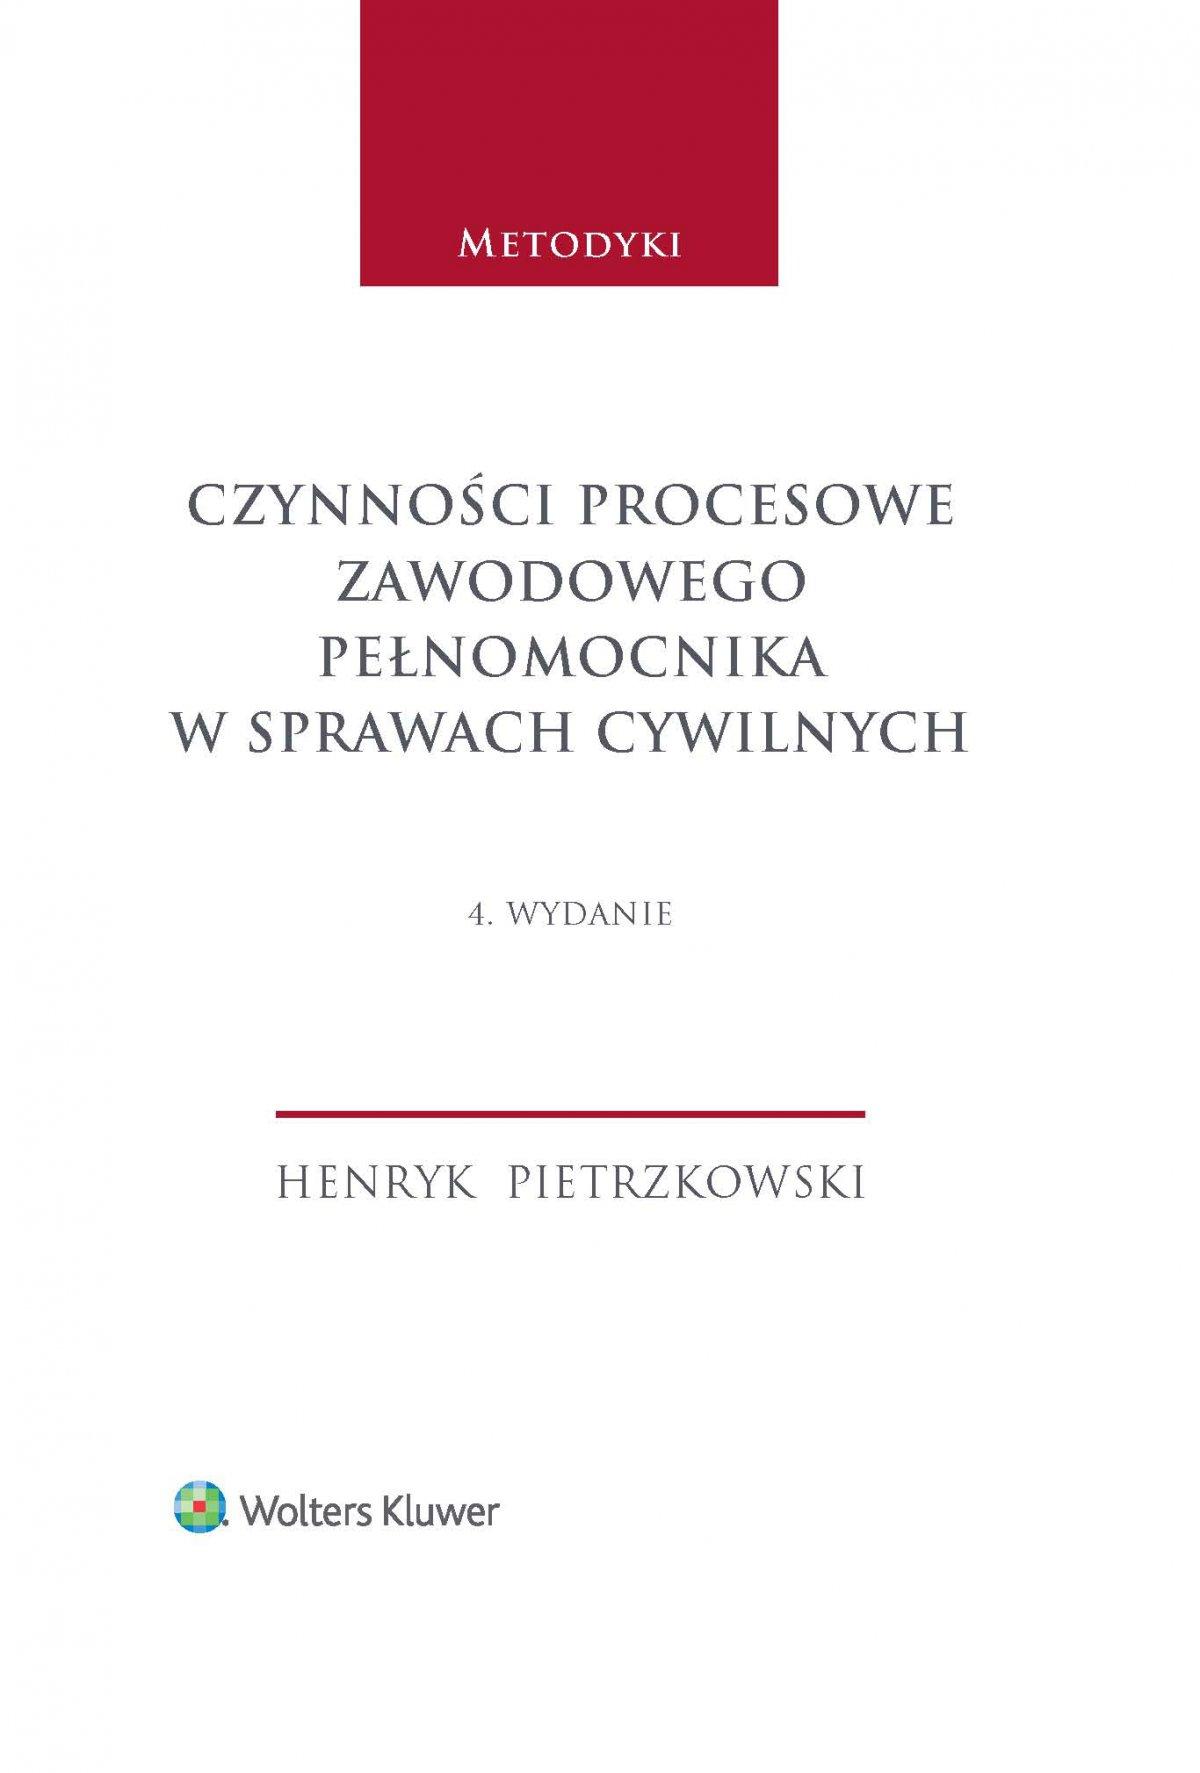 Czynności procesowe zawodowego pełnomocnika w sprawach cywilnych. Wydanie 4 - Ebook (Książka EPUB) do pobrania w formacie EPUB